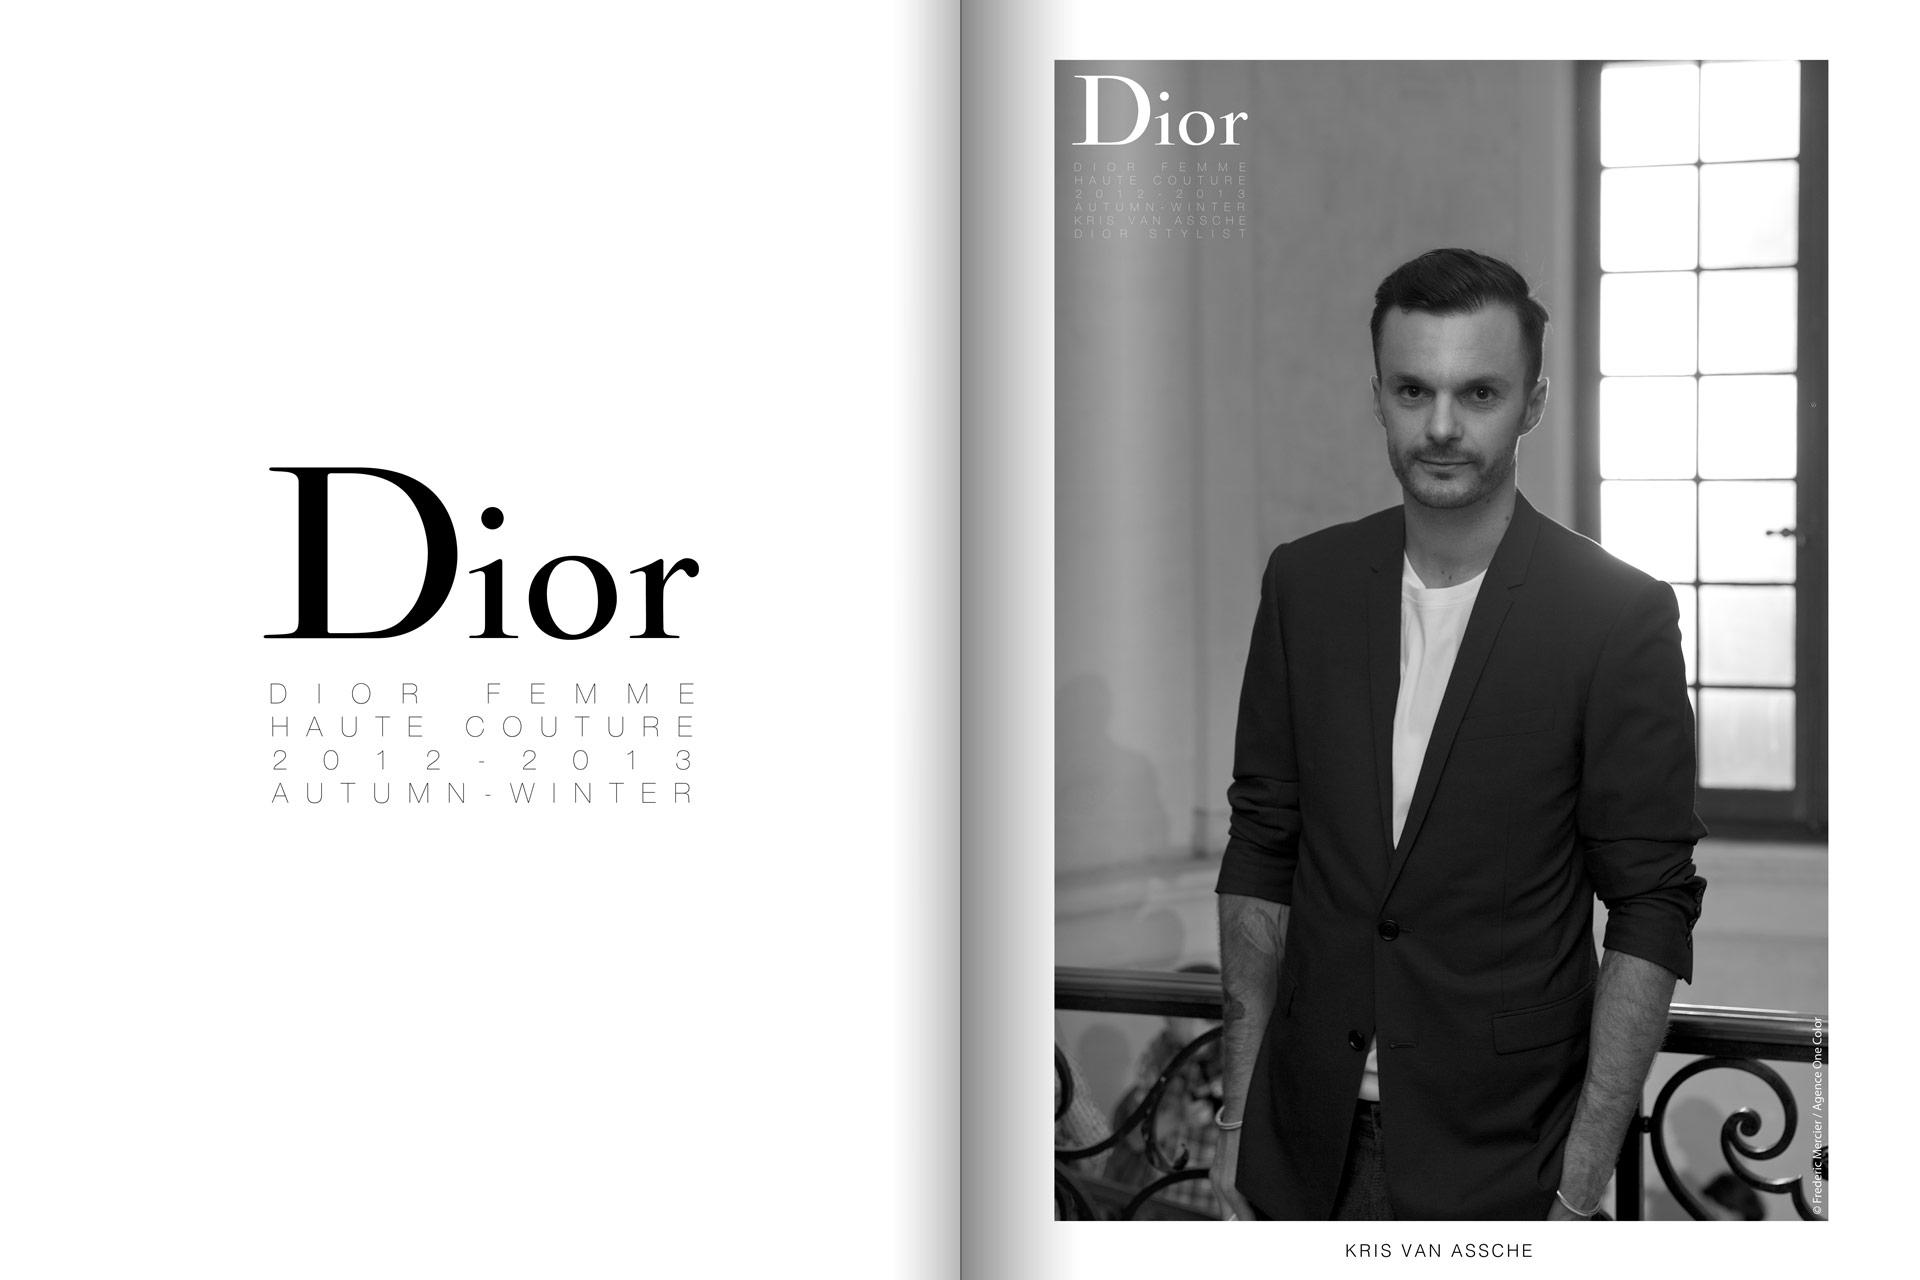 frederic mercier fashion photographer one color portraits people kris van assche for dior